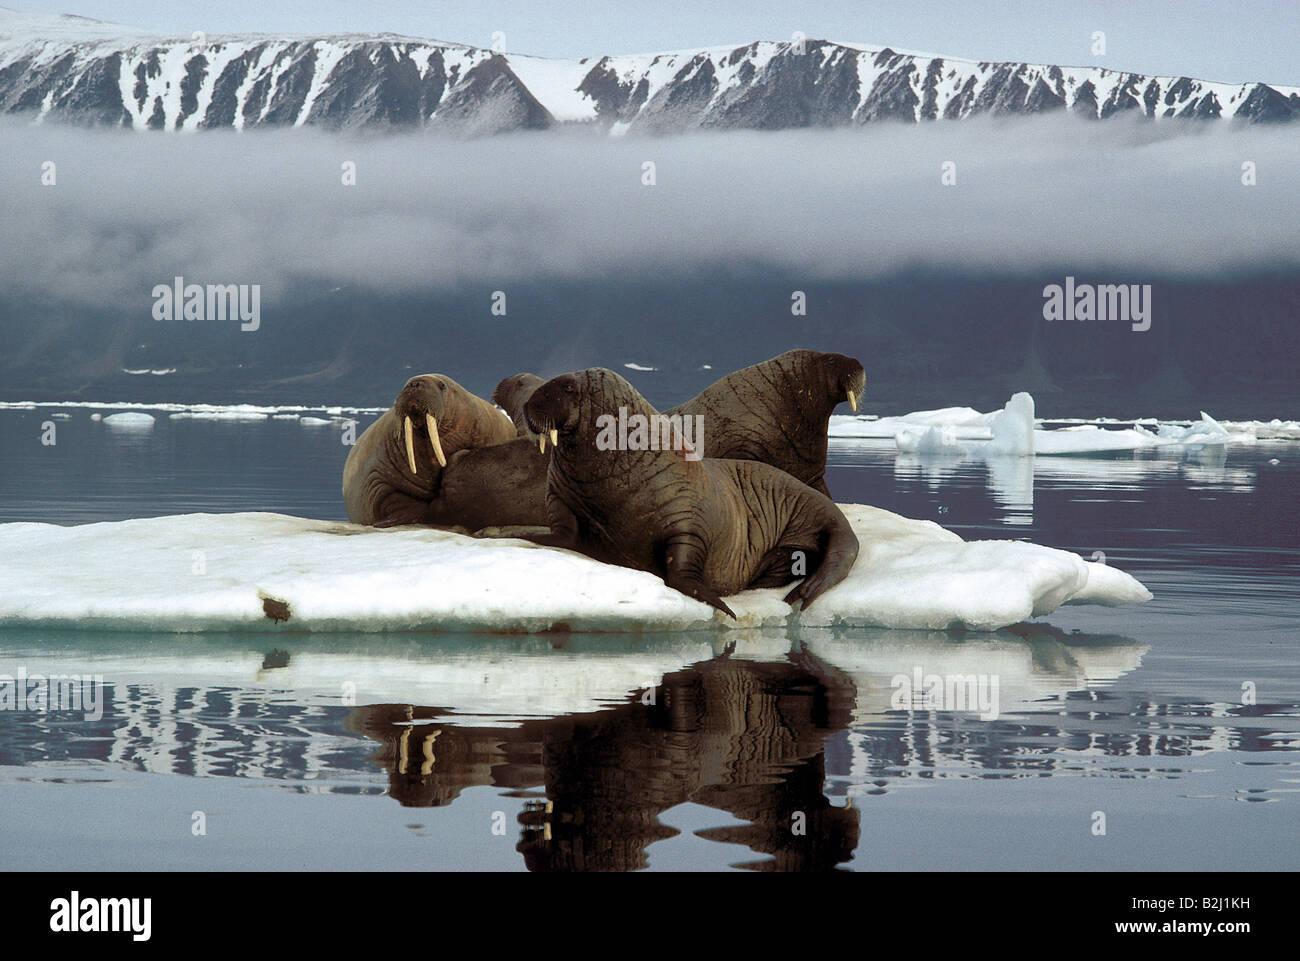 Zoologie / Tiere, Säugetier / Säugetier-, Robben, Walrosse, polar Walross (Odobenus Rosmarus), Walrosse, liegend Stockfoto